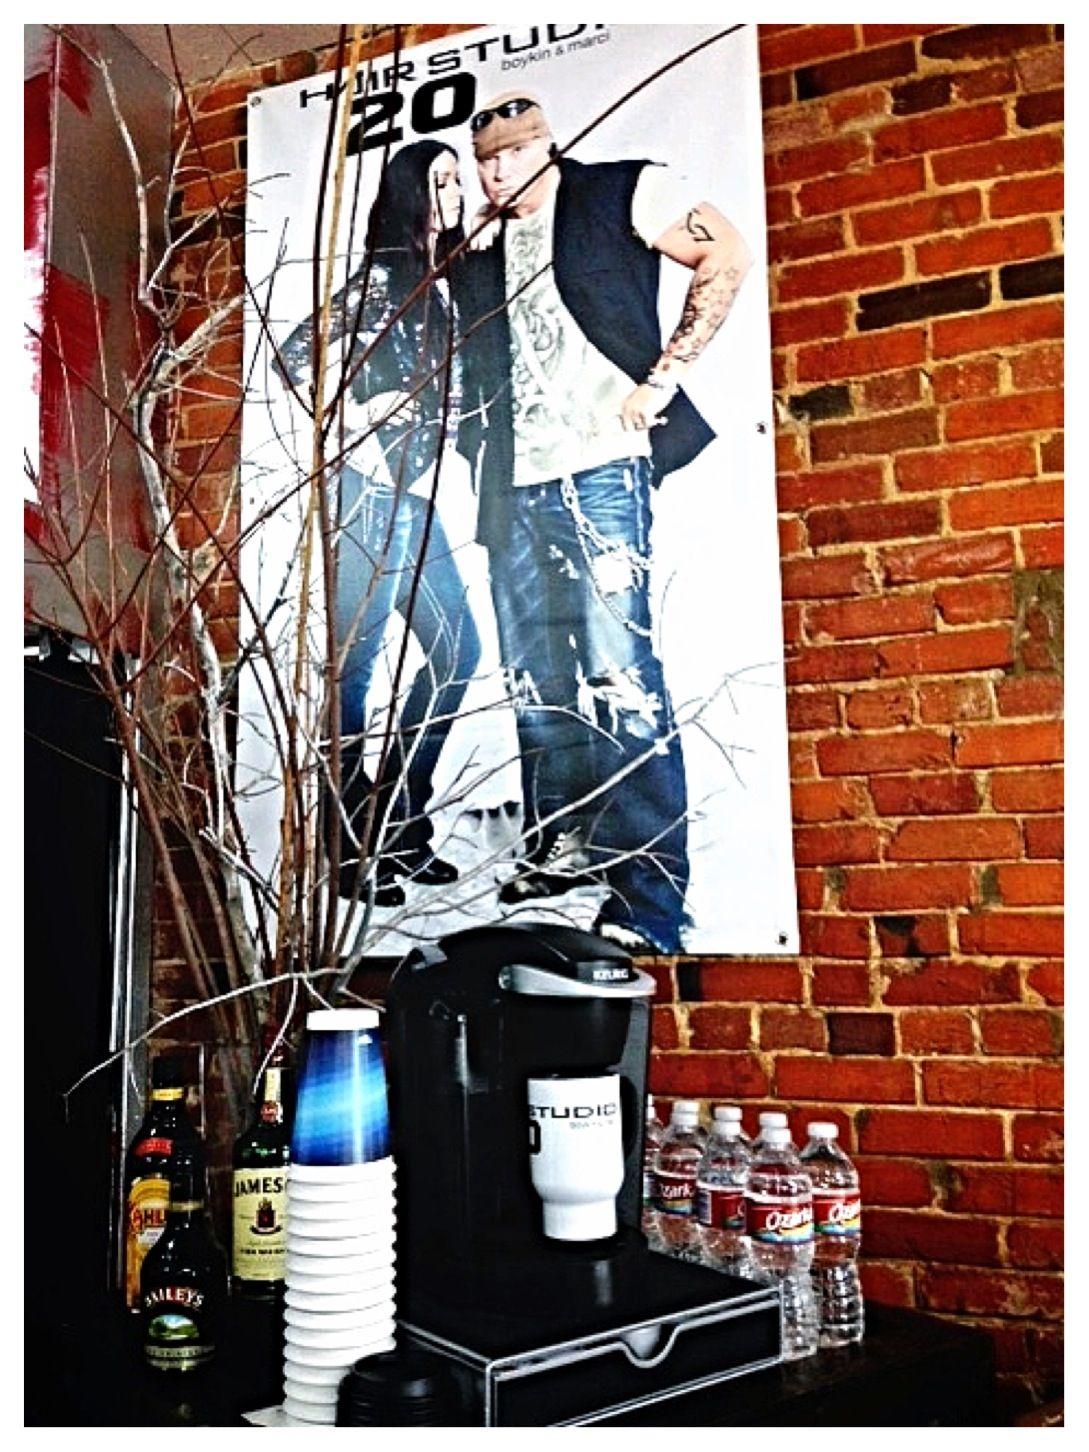 HairStudio20 - Boykin & Marci - www.hairstudio20.com -  Louisville, Ms Keurig Coffee Station #HairStudio20 #boykinsean #seanboykin #marci #marcip #marcipatterson